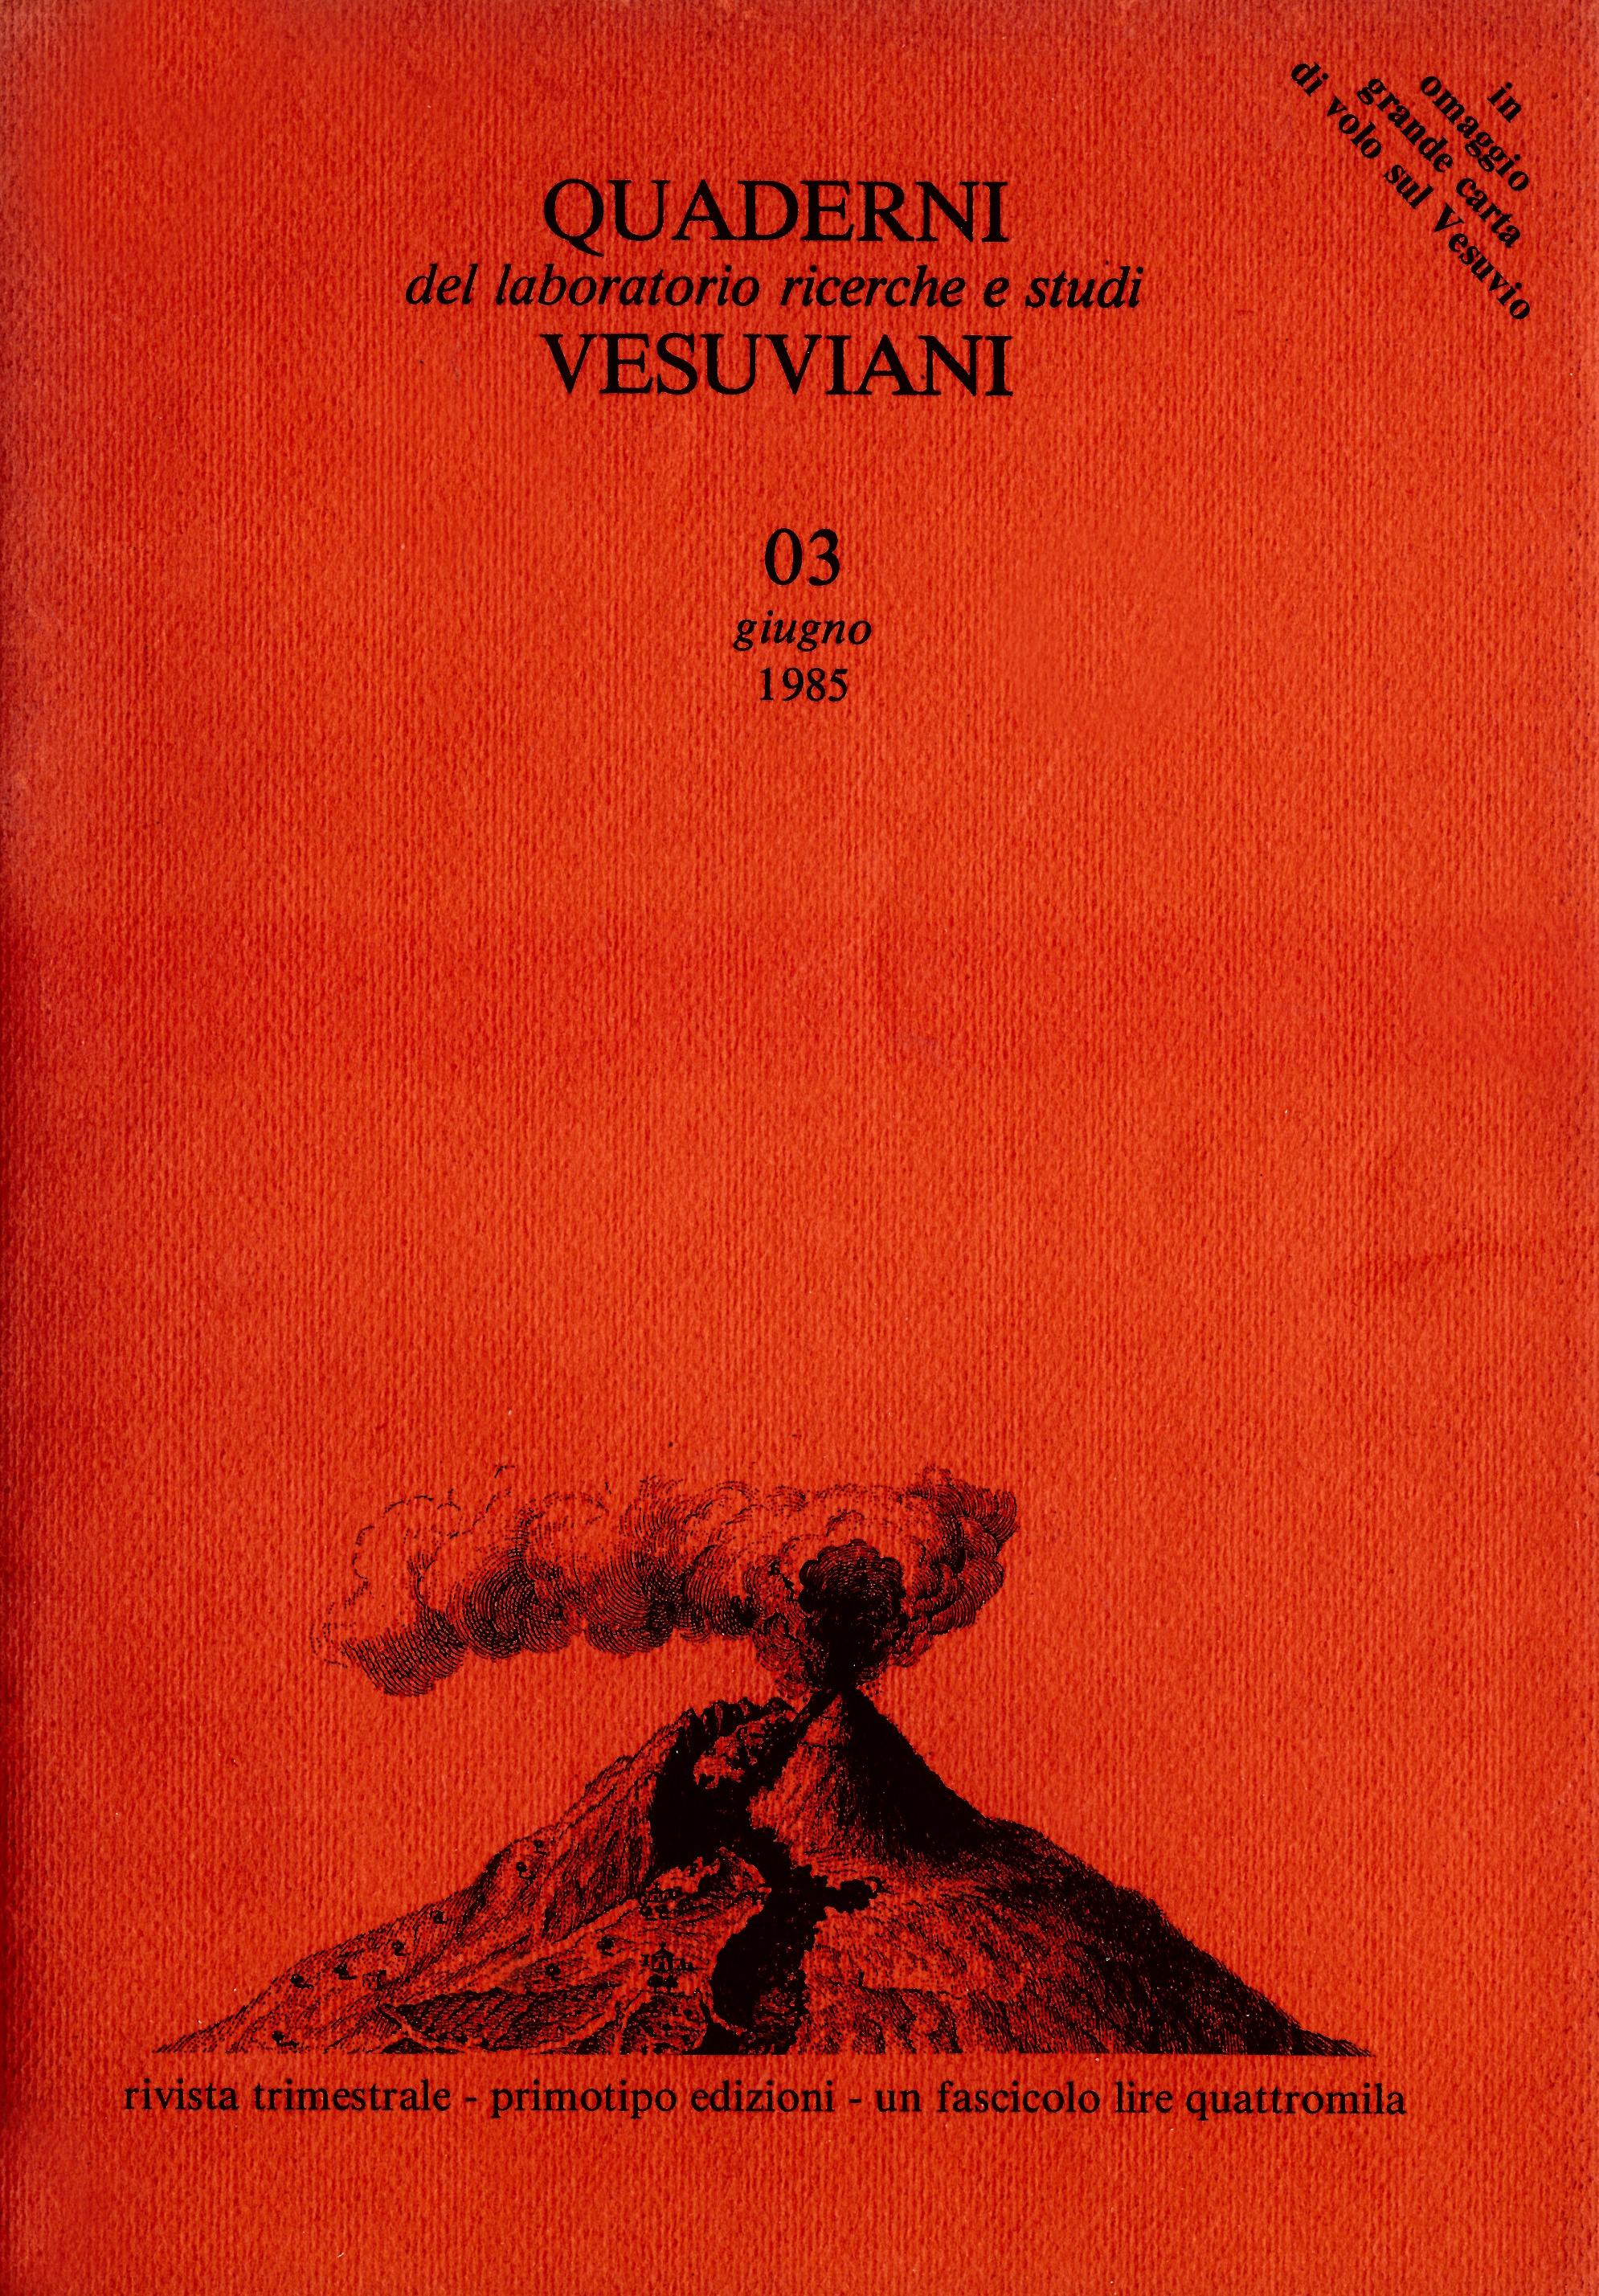 Quaderni vesuviani, Giugno 1985